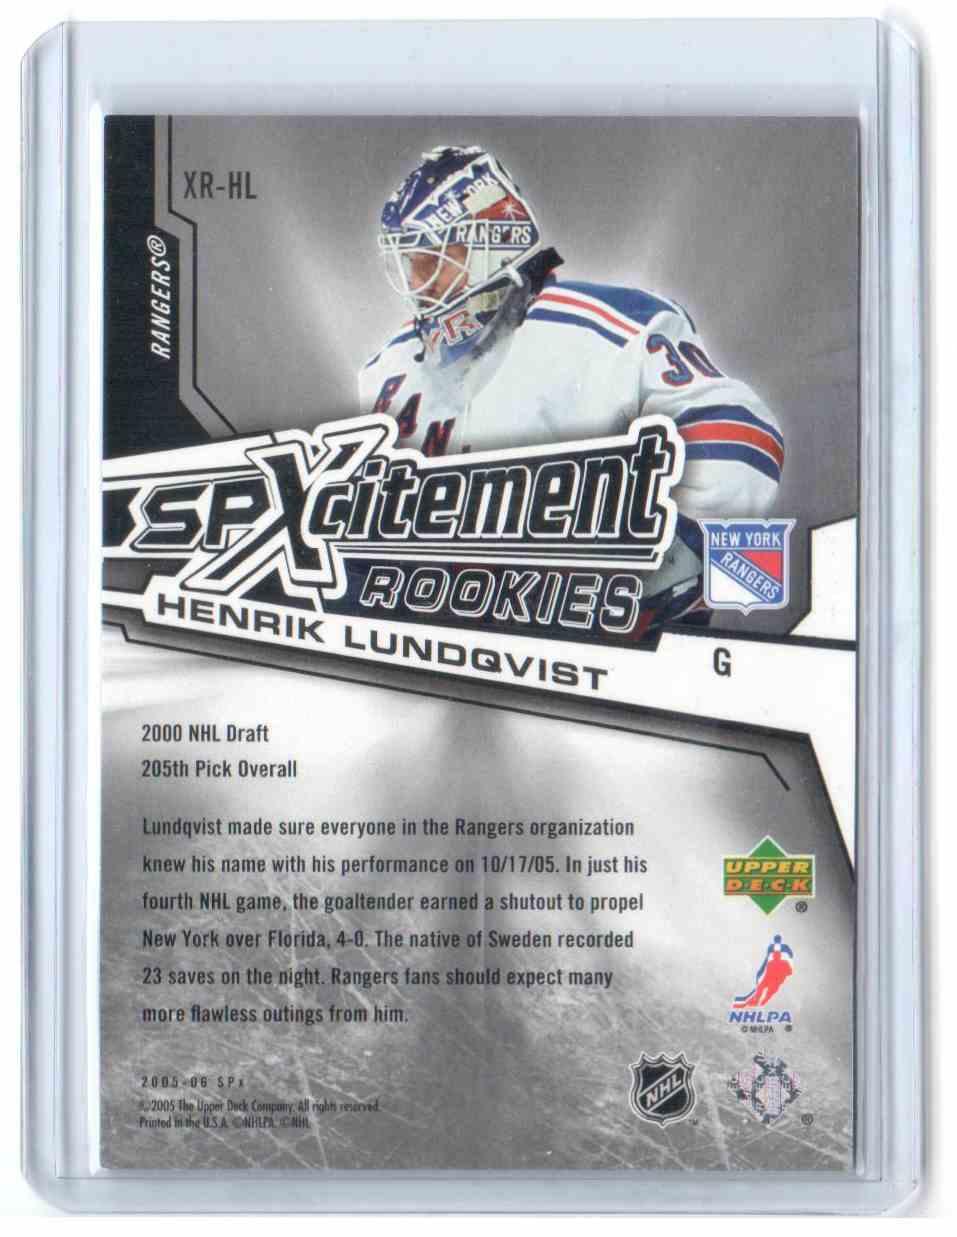 2005-06 SPx Xcitement Rookies Henrik Lundqvist #XR-HL card back image